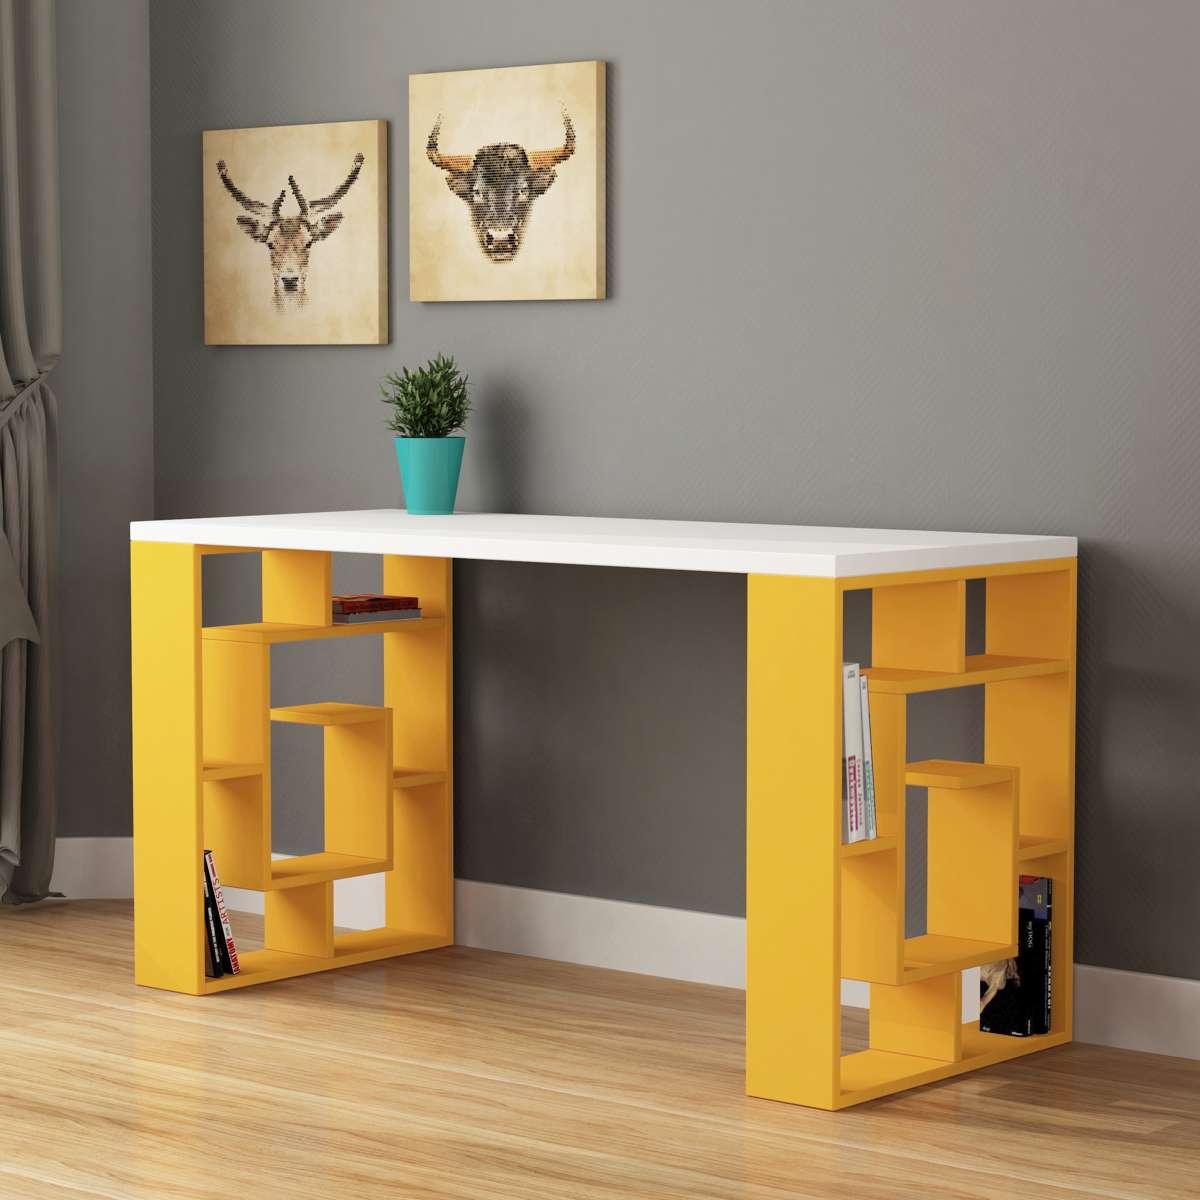 שולחן כתיבה Labirent Working table צהוב/לבן מסדרת Decoline